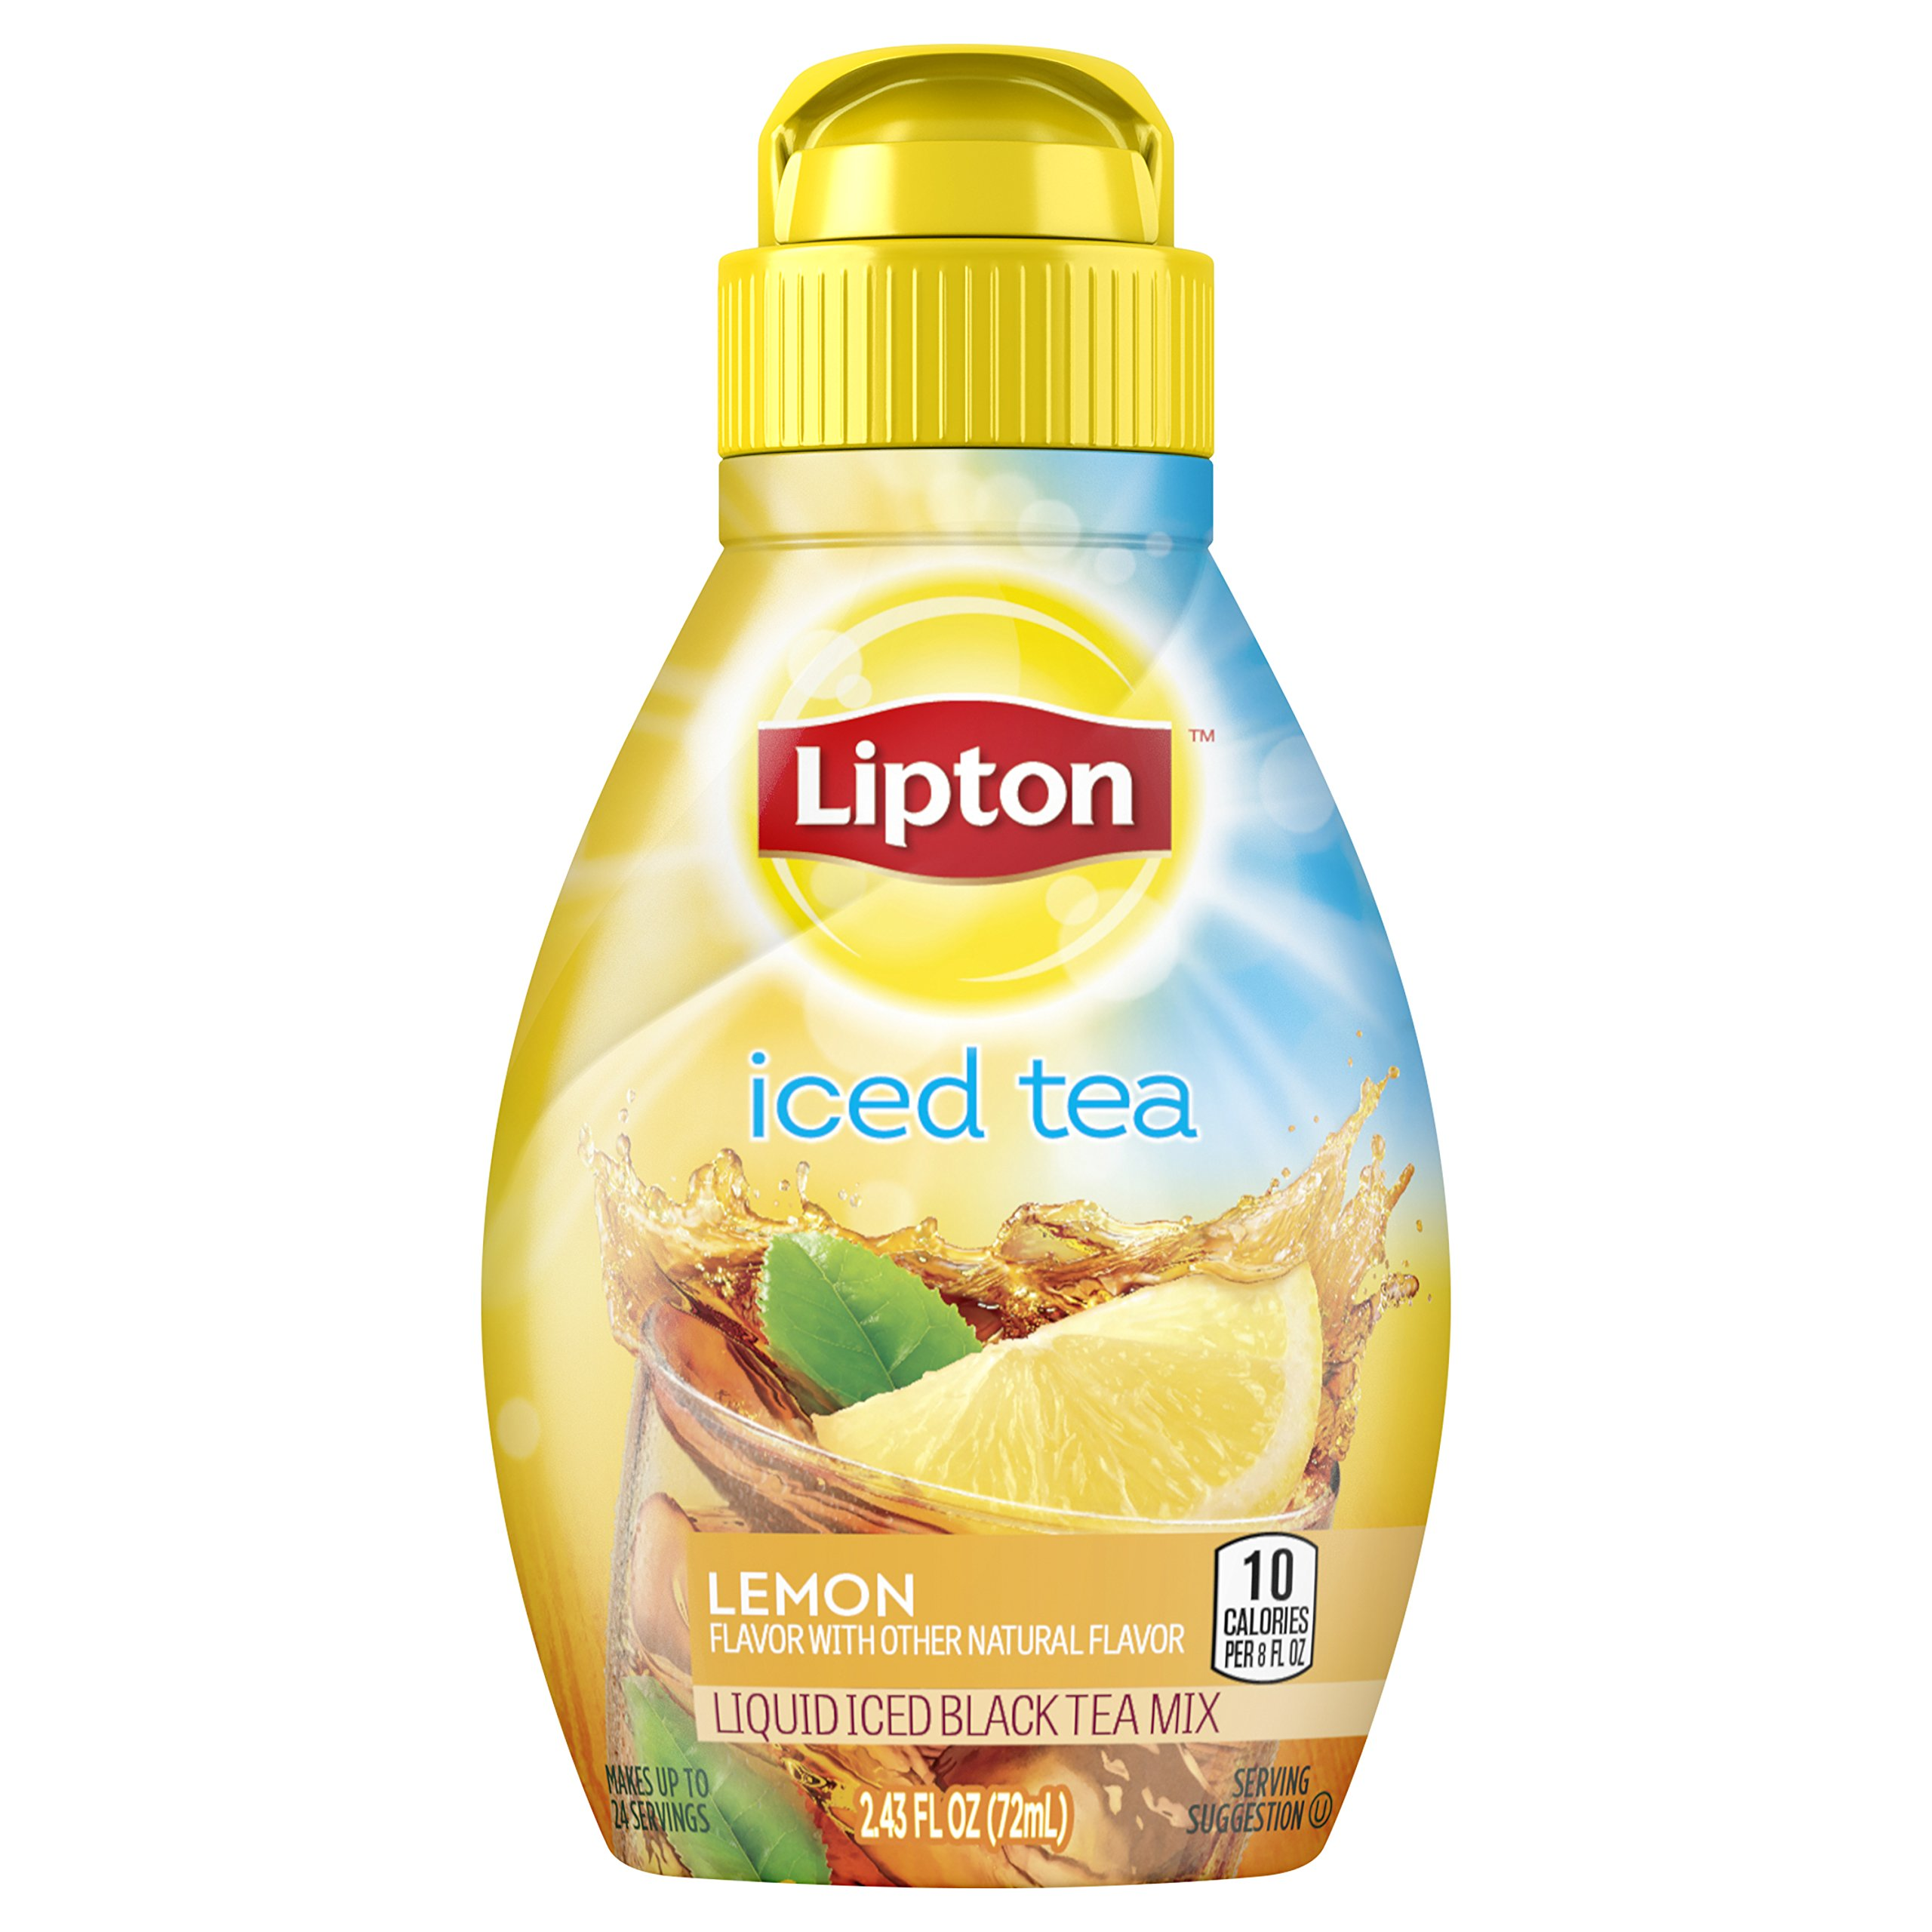 Lipton Liquid Iced Tea Mix, Lemon 2.43 oz